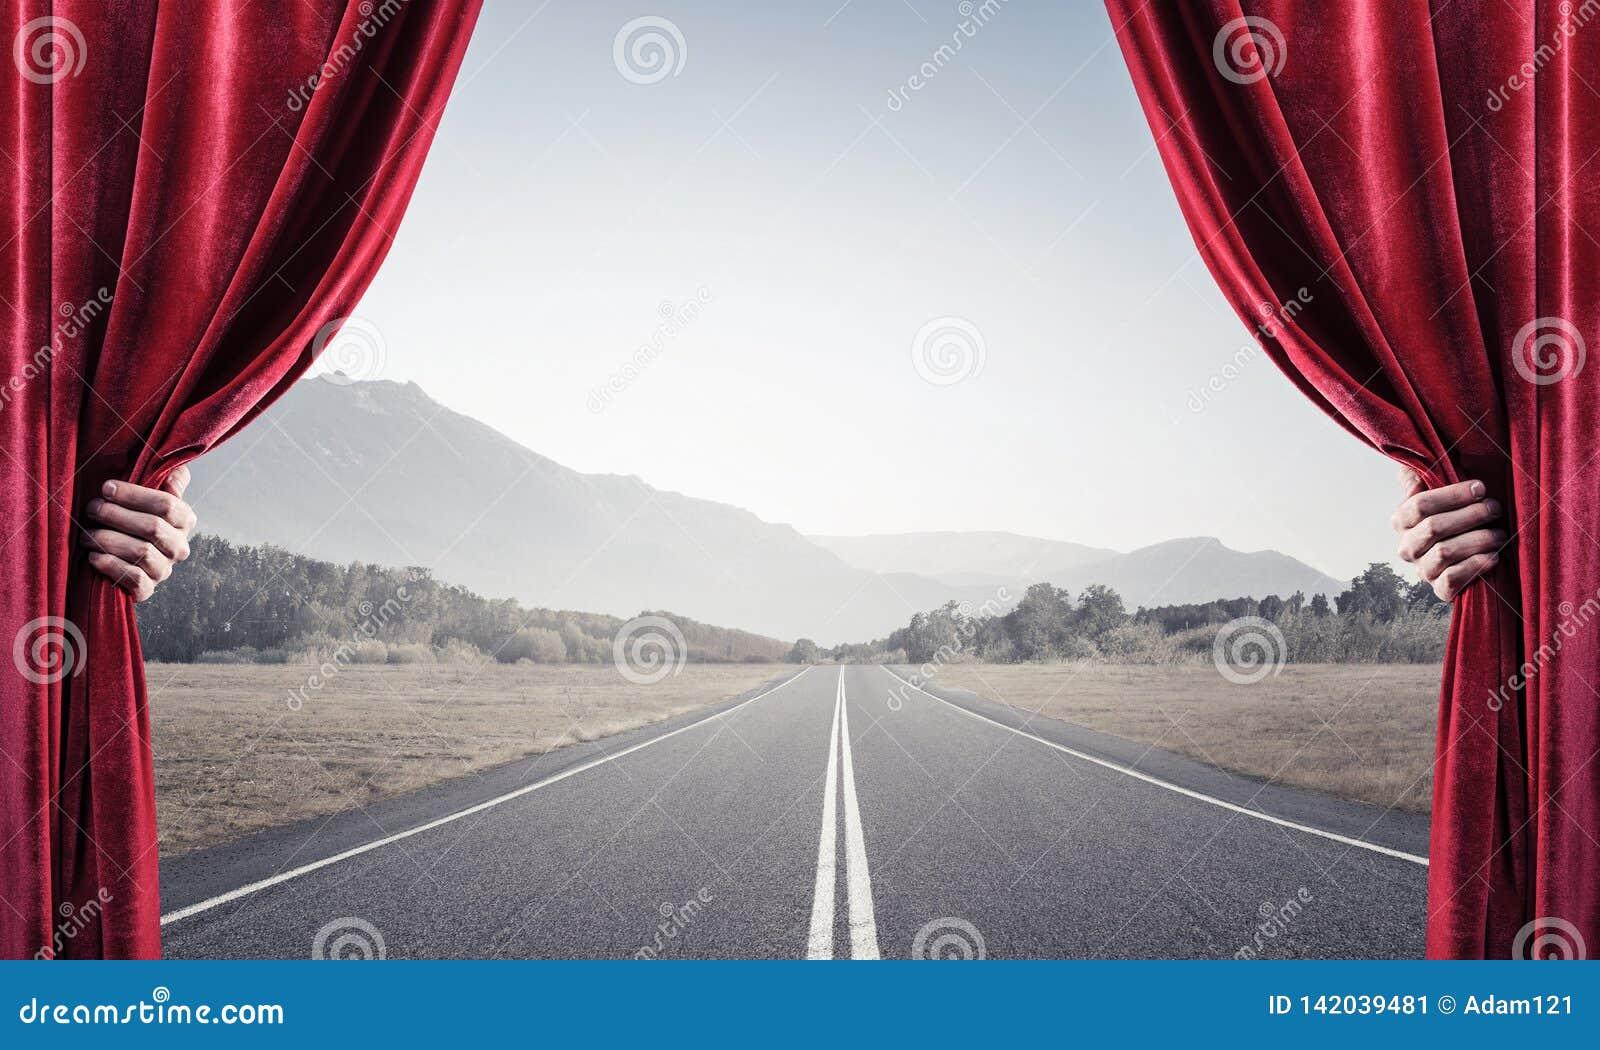 La strada asfaltata dietro la tenda rossa e passi la tenuta